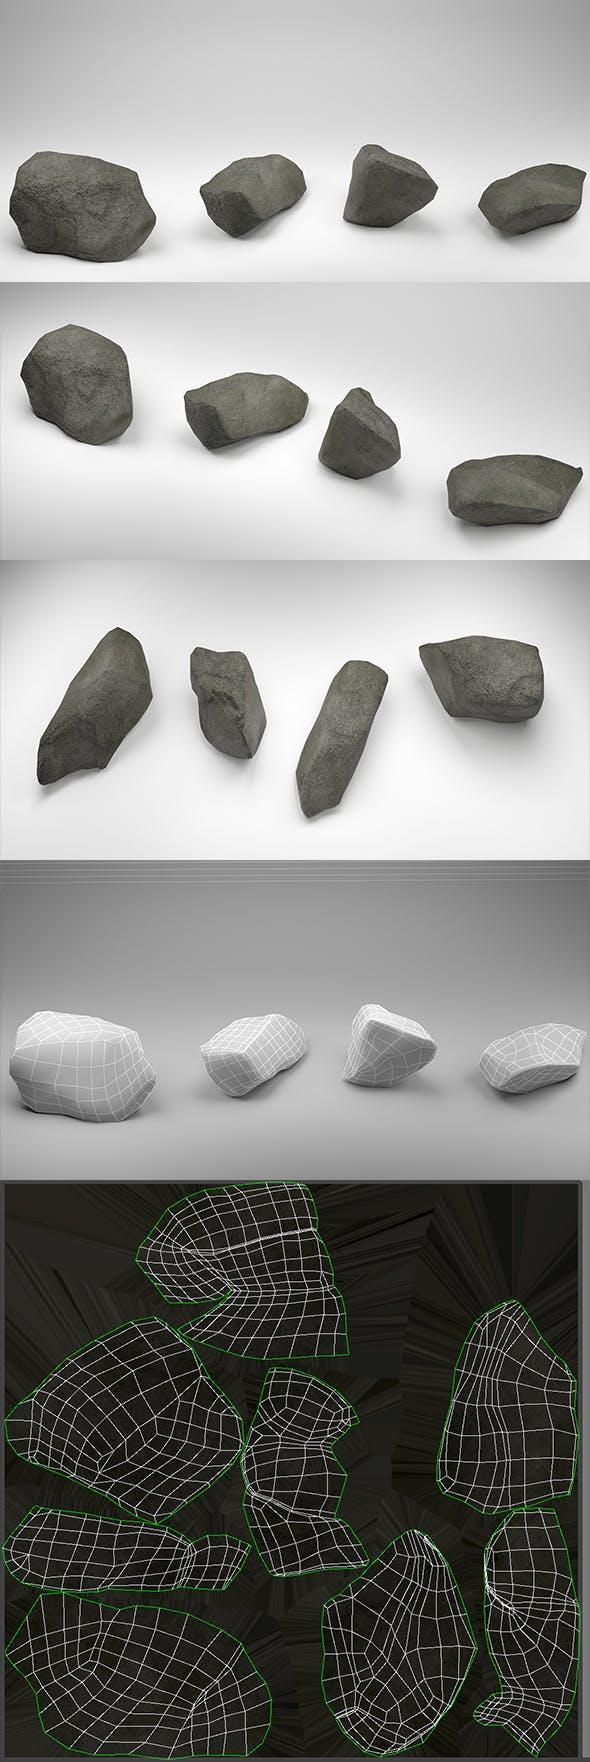 Stones Pack v2 - 3DOcean Item for Sale